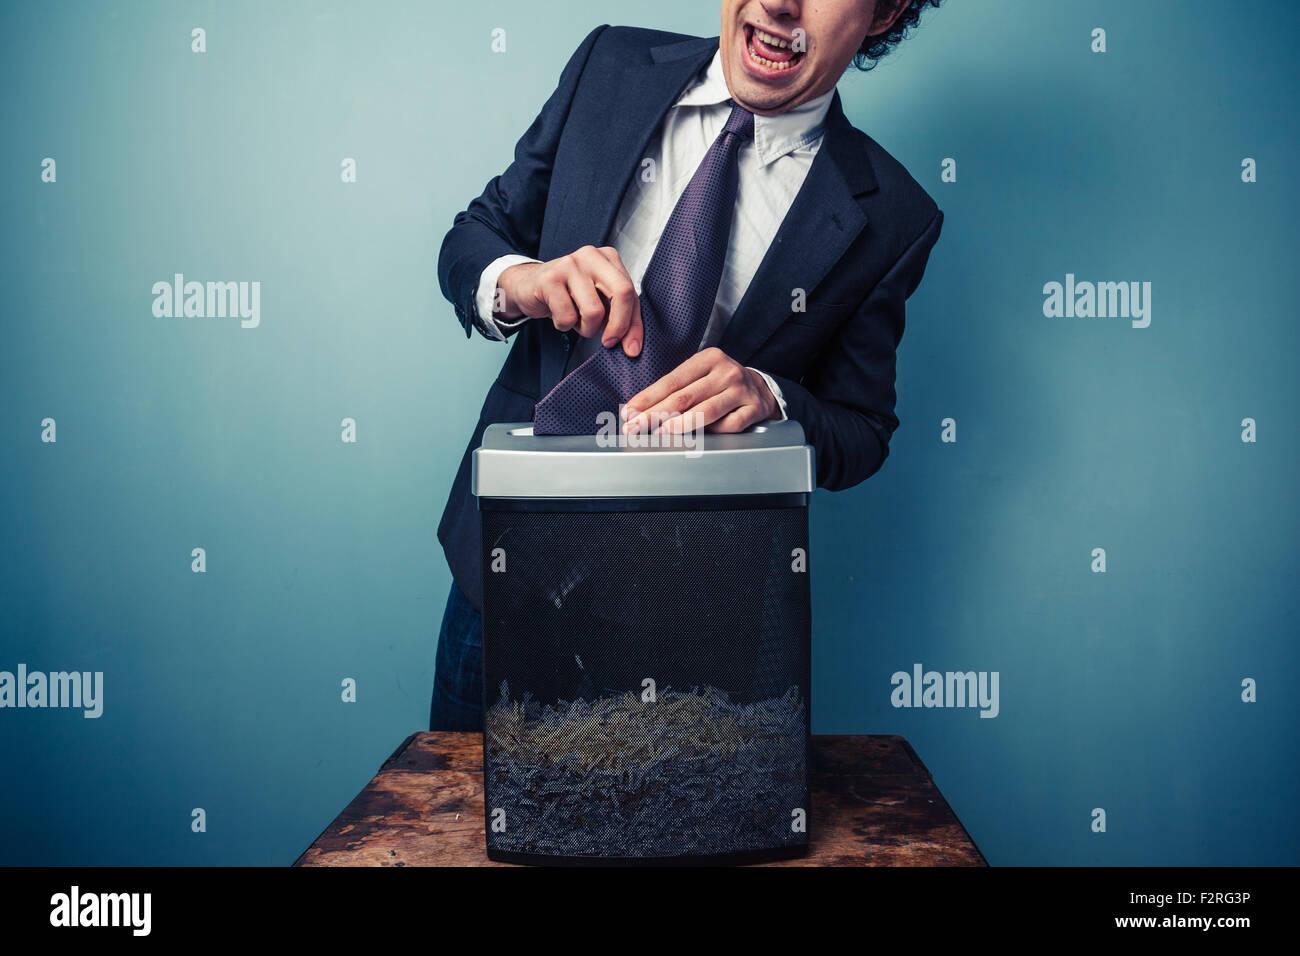 Homme maladroit avec sa cravate coincée dans une déchiqueteuse Photo Stock